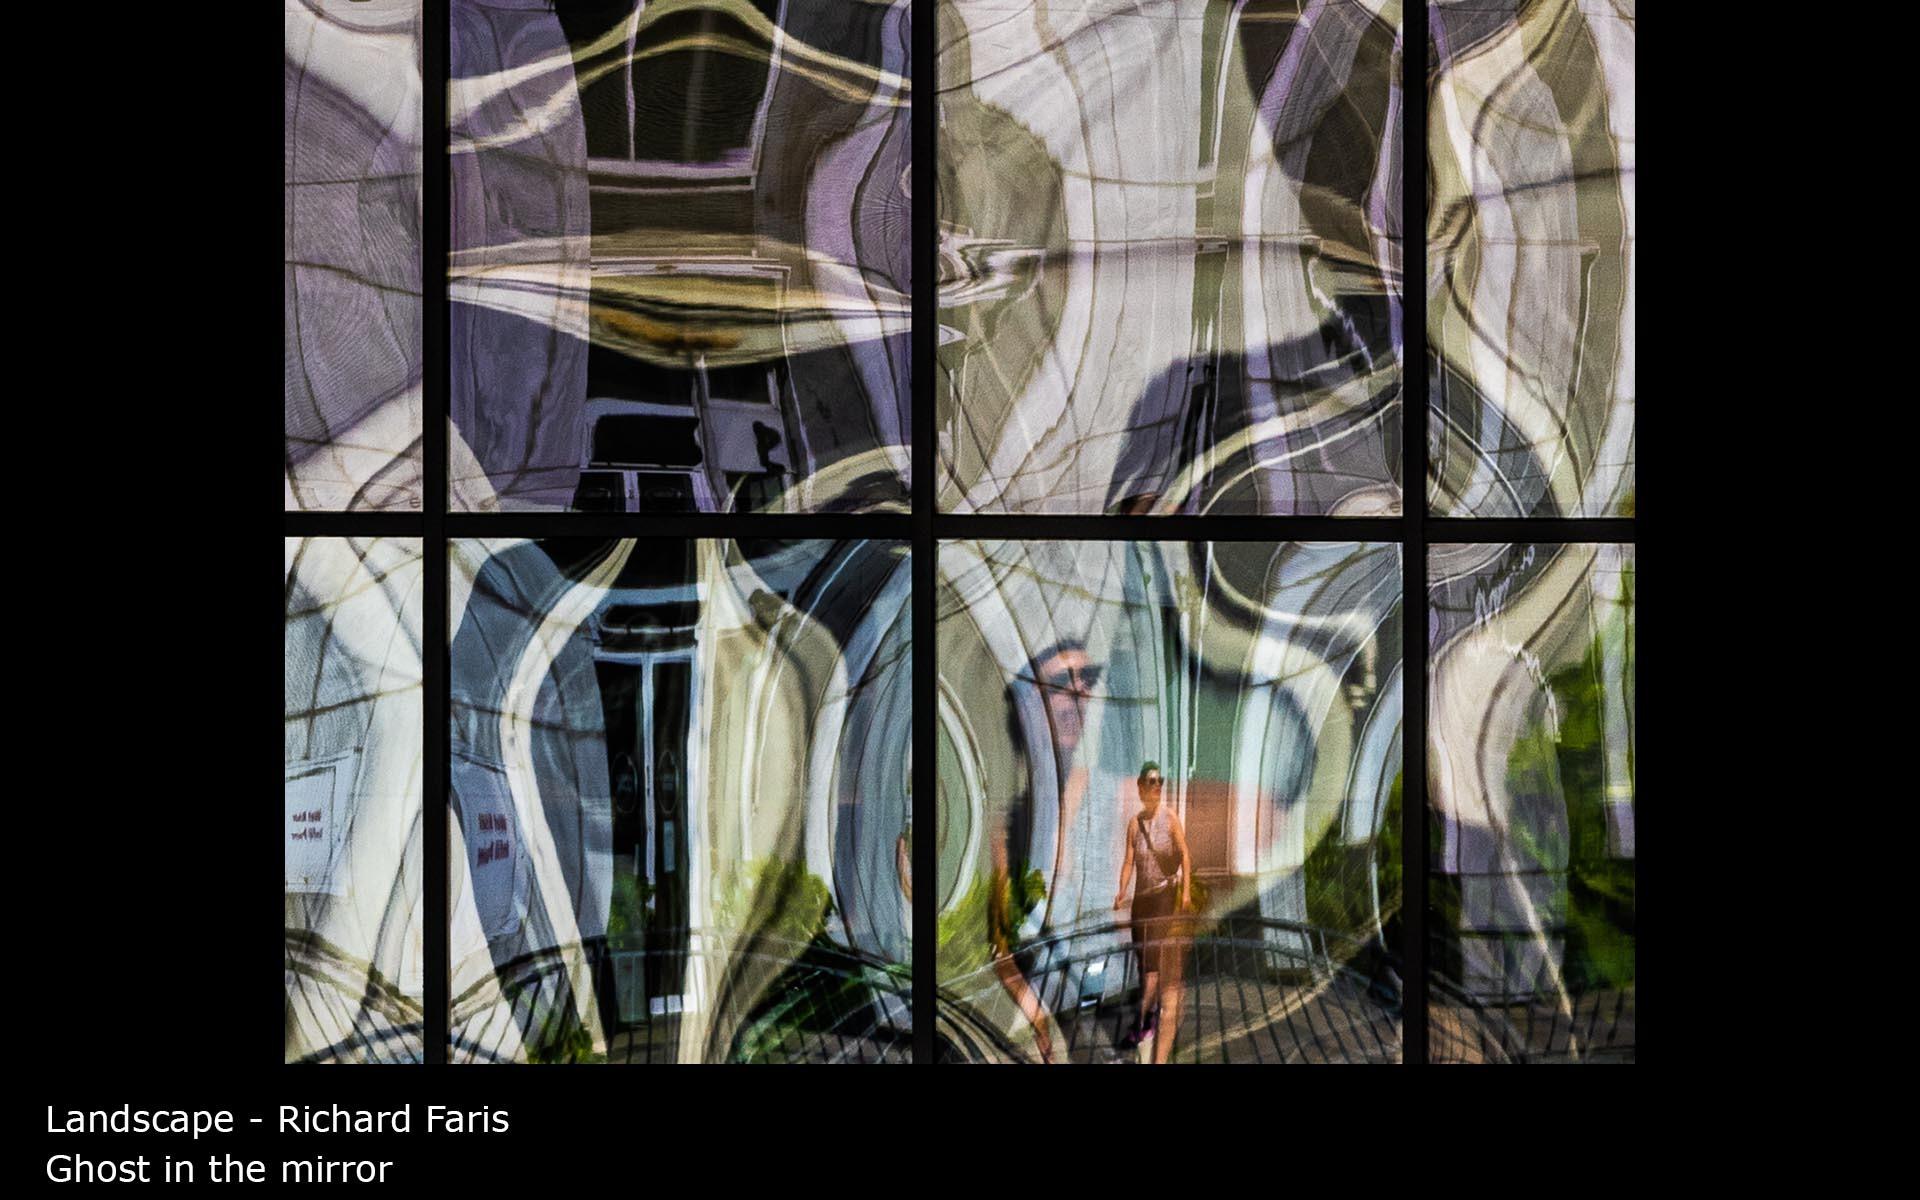 Ghost in the mirror - Richard Faris